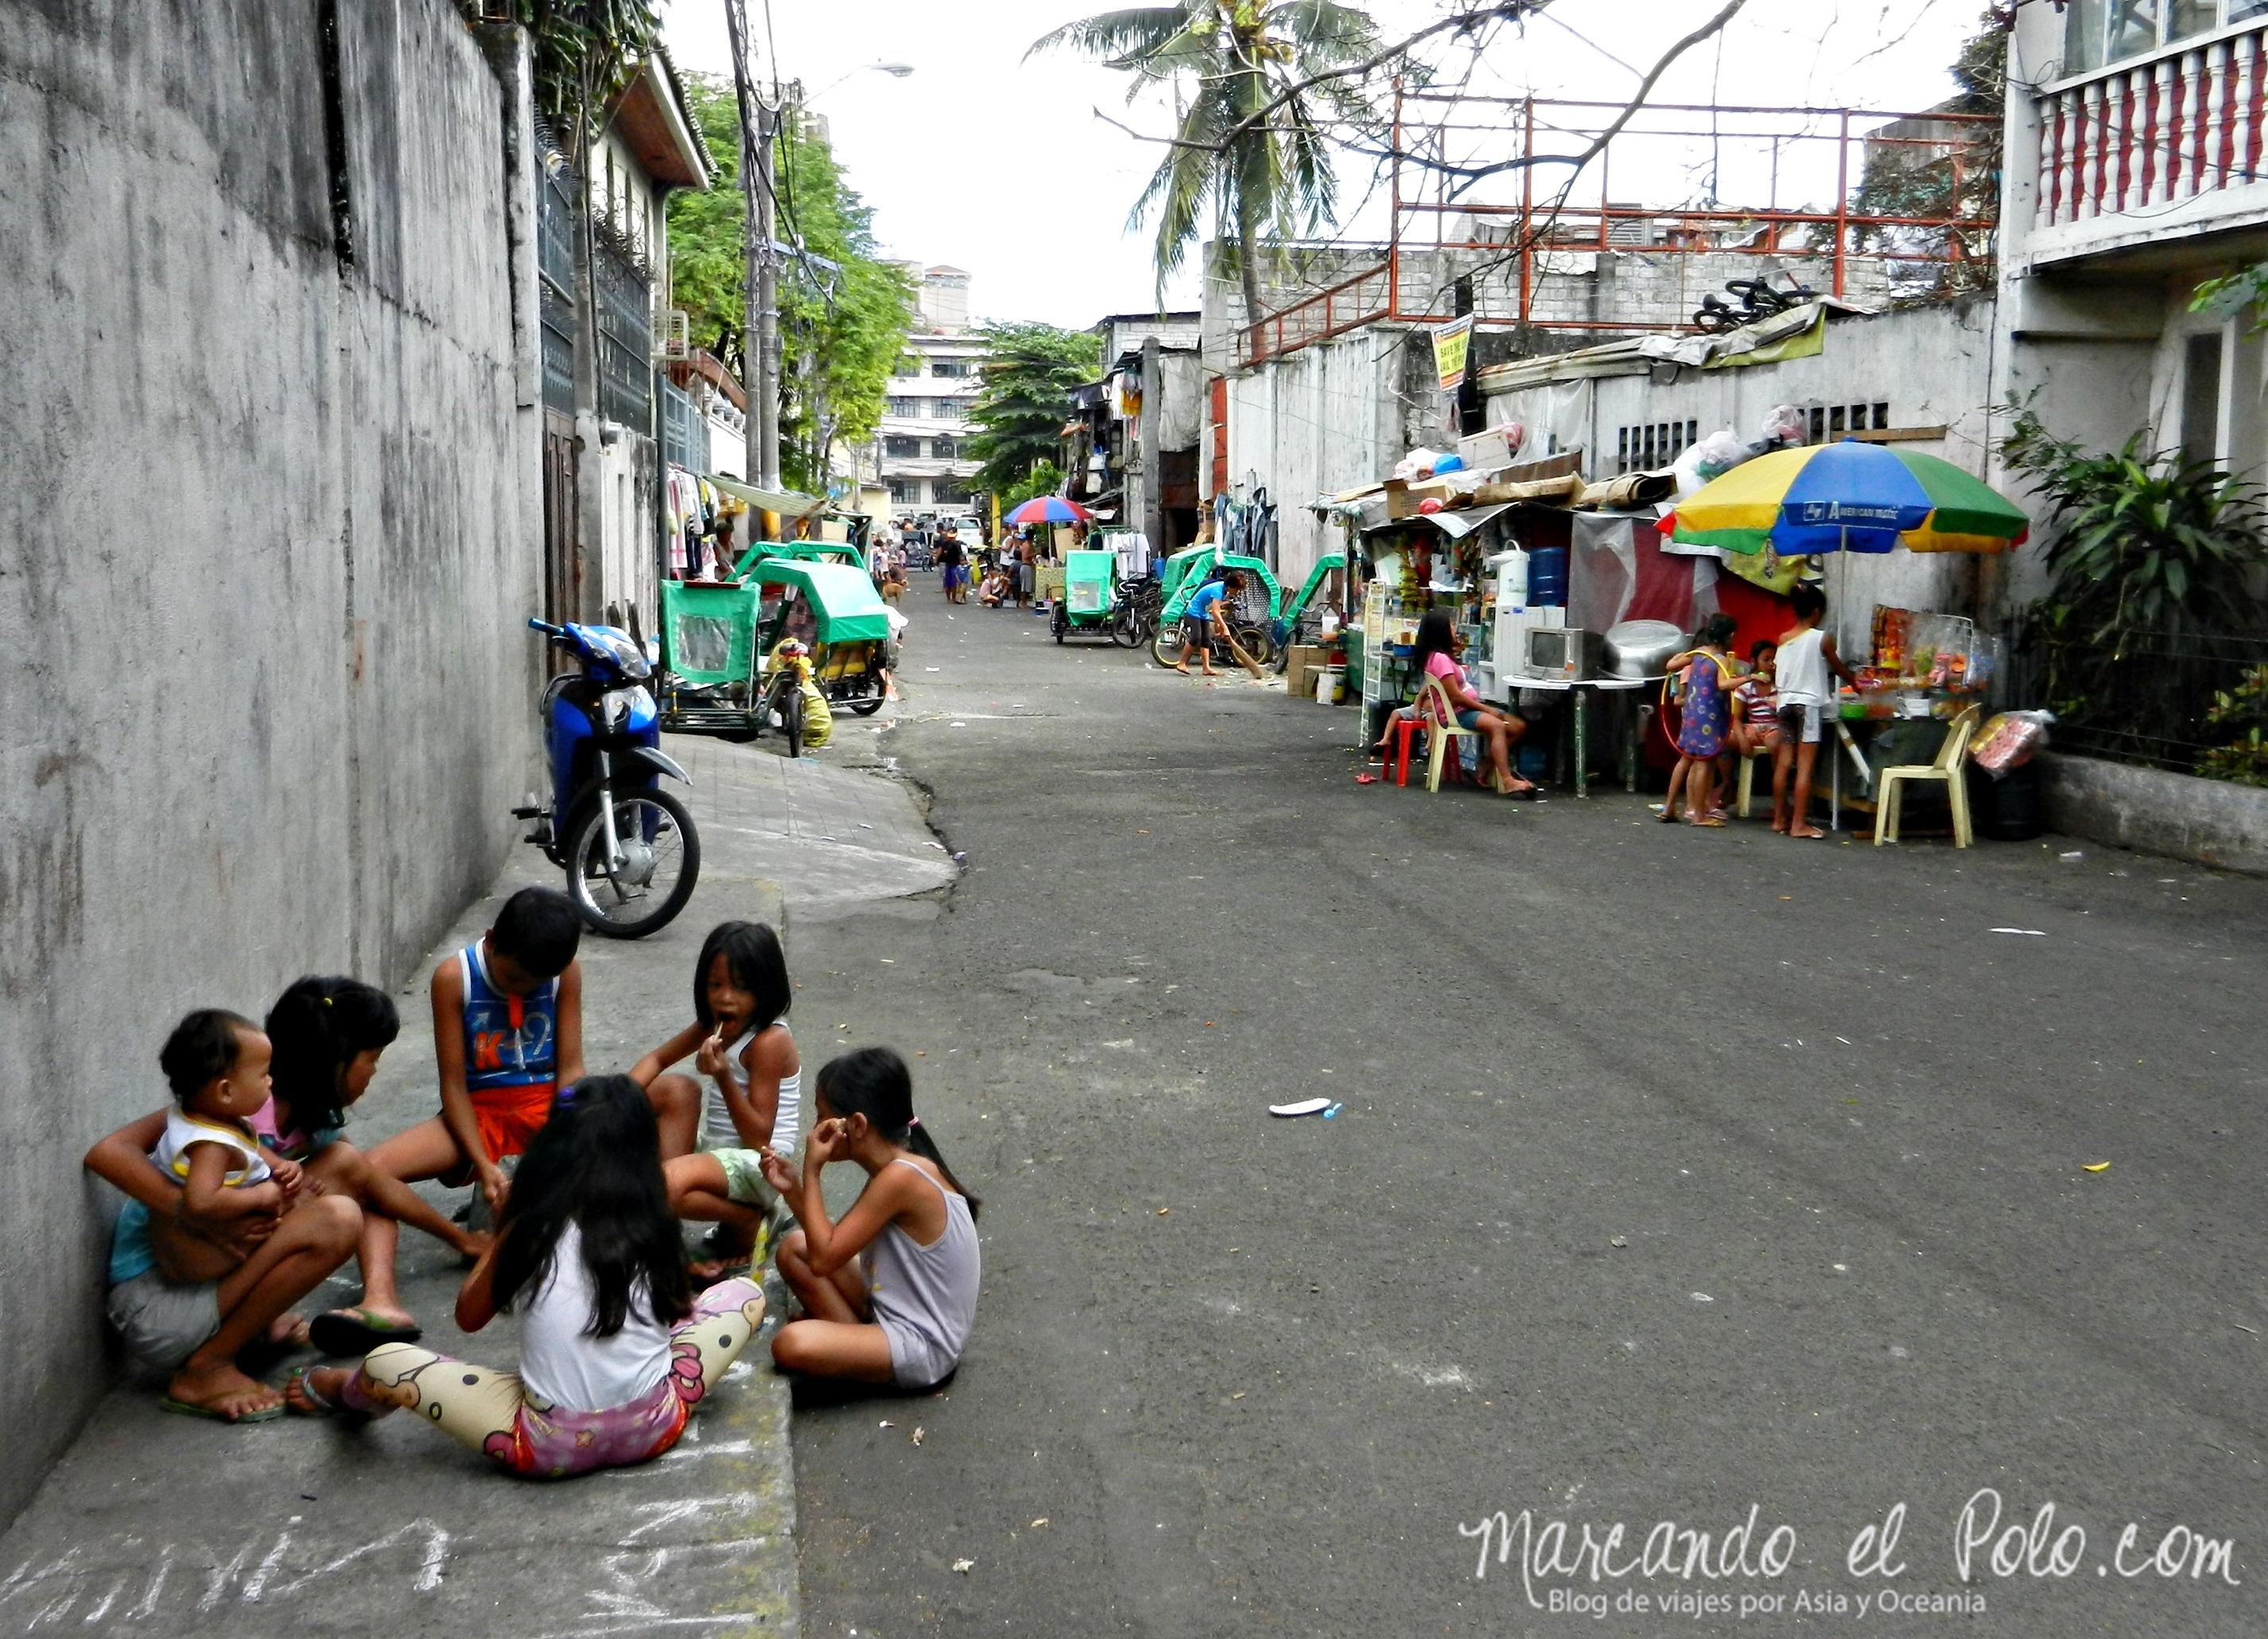 Nenes jugando en las calles de Manila, Filipinas.